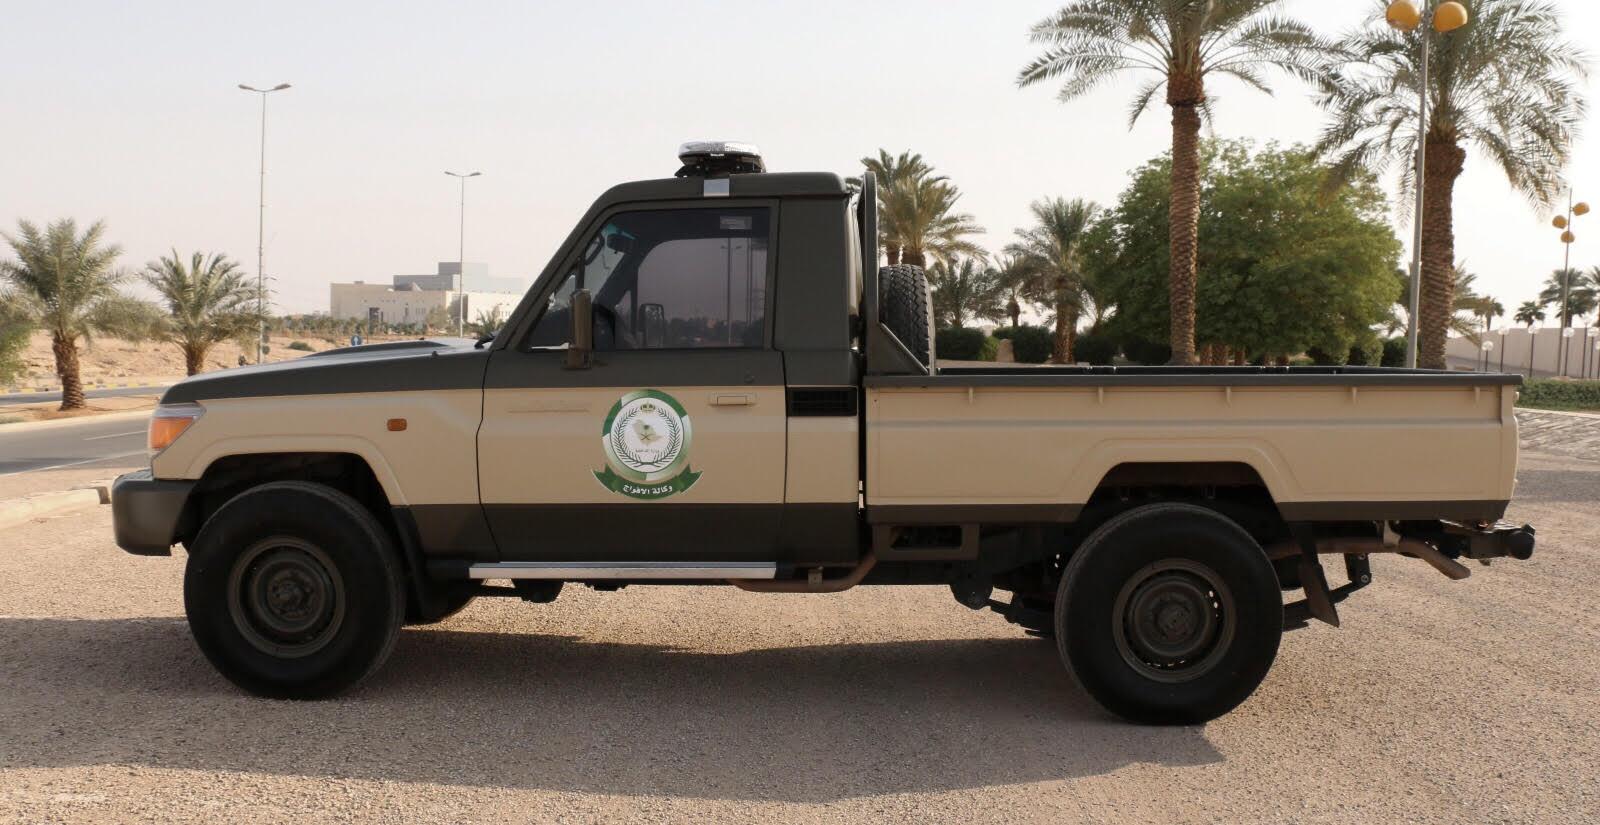 صور زي وشعار ولون مركبات الأفواج الأمنية في السعودية